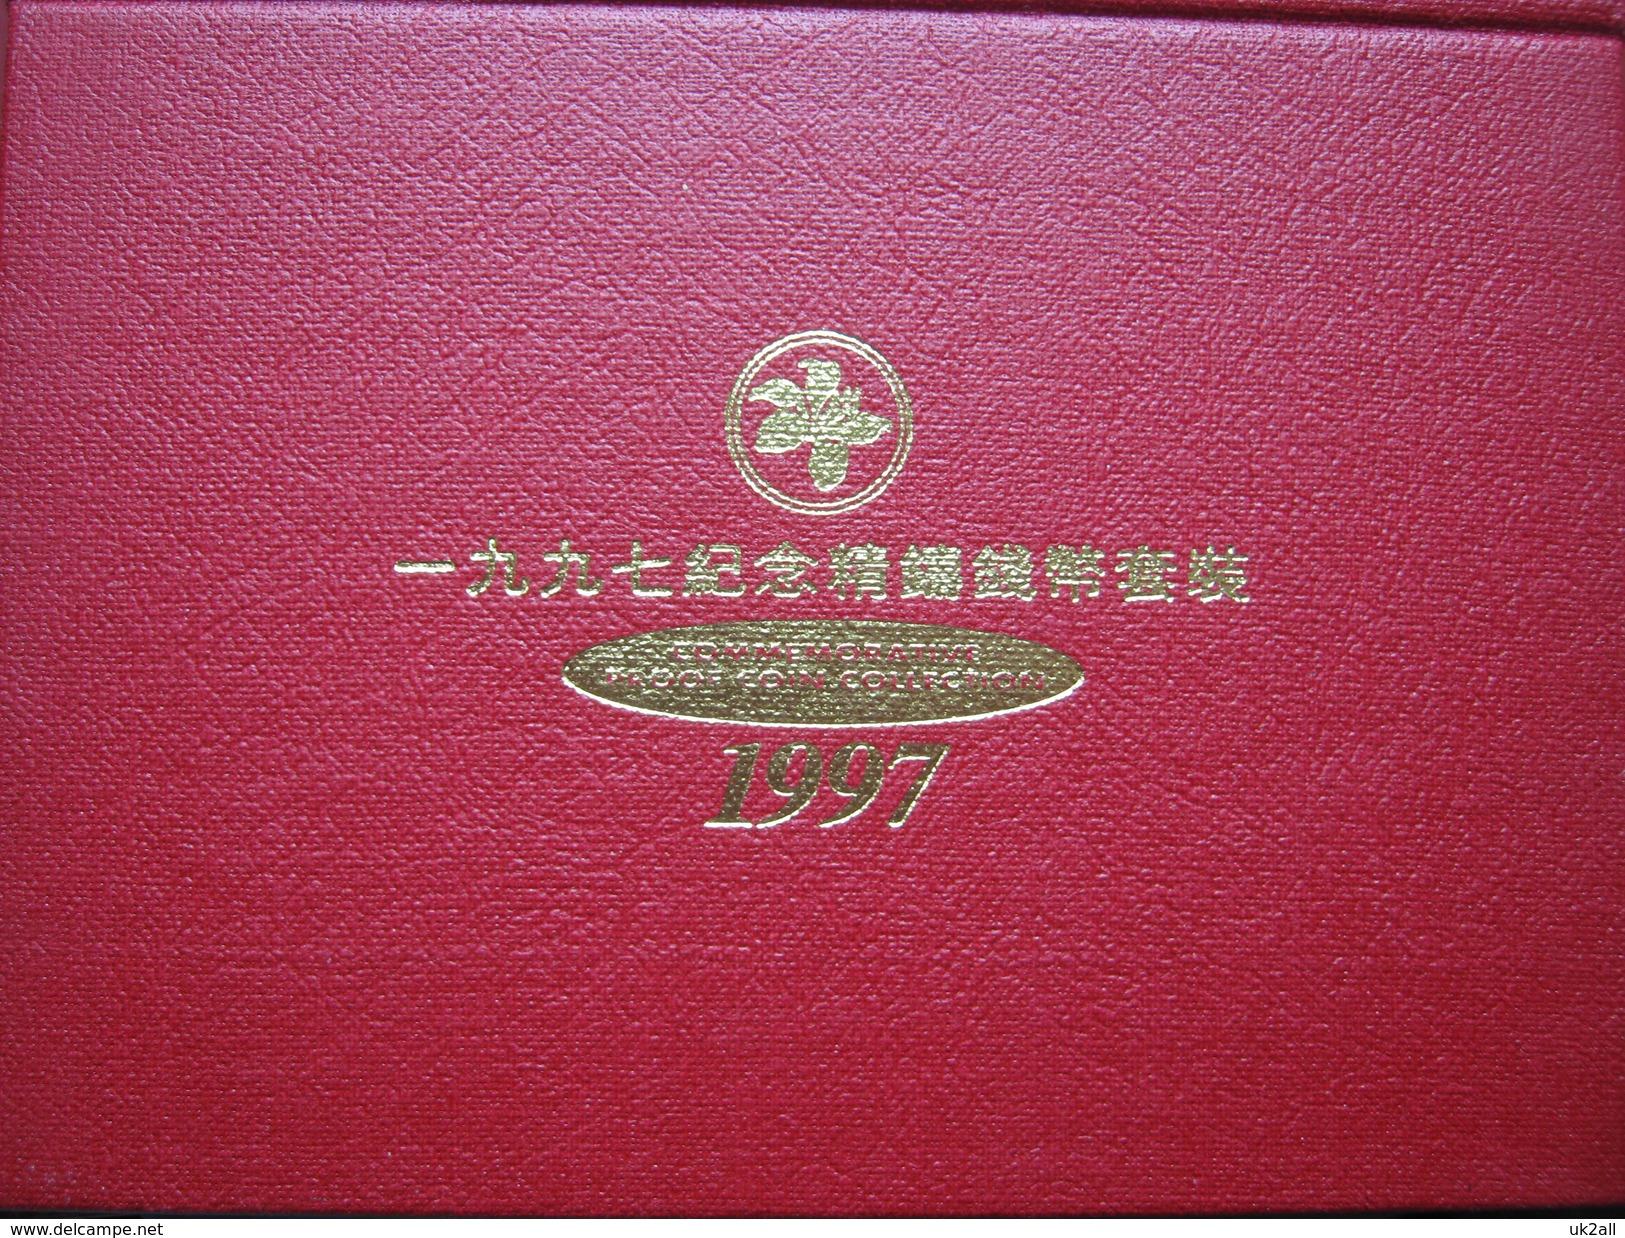 Hong Kong 1997 Proof 7 Coin Set 10 Cents - 10 Dollars Sealed Royal Mint Case Info Card - Hong Kong